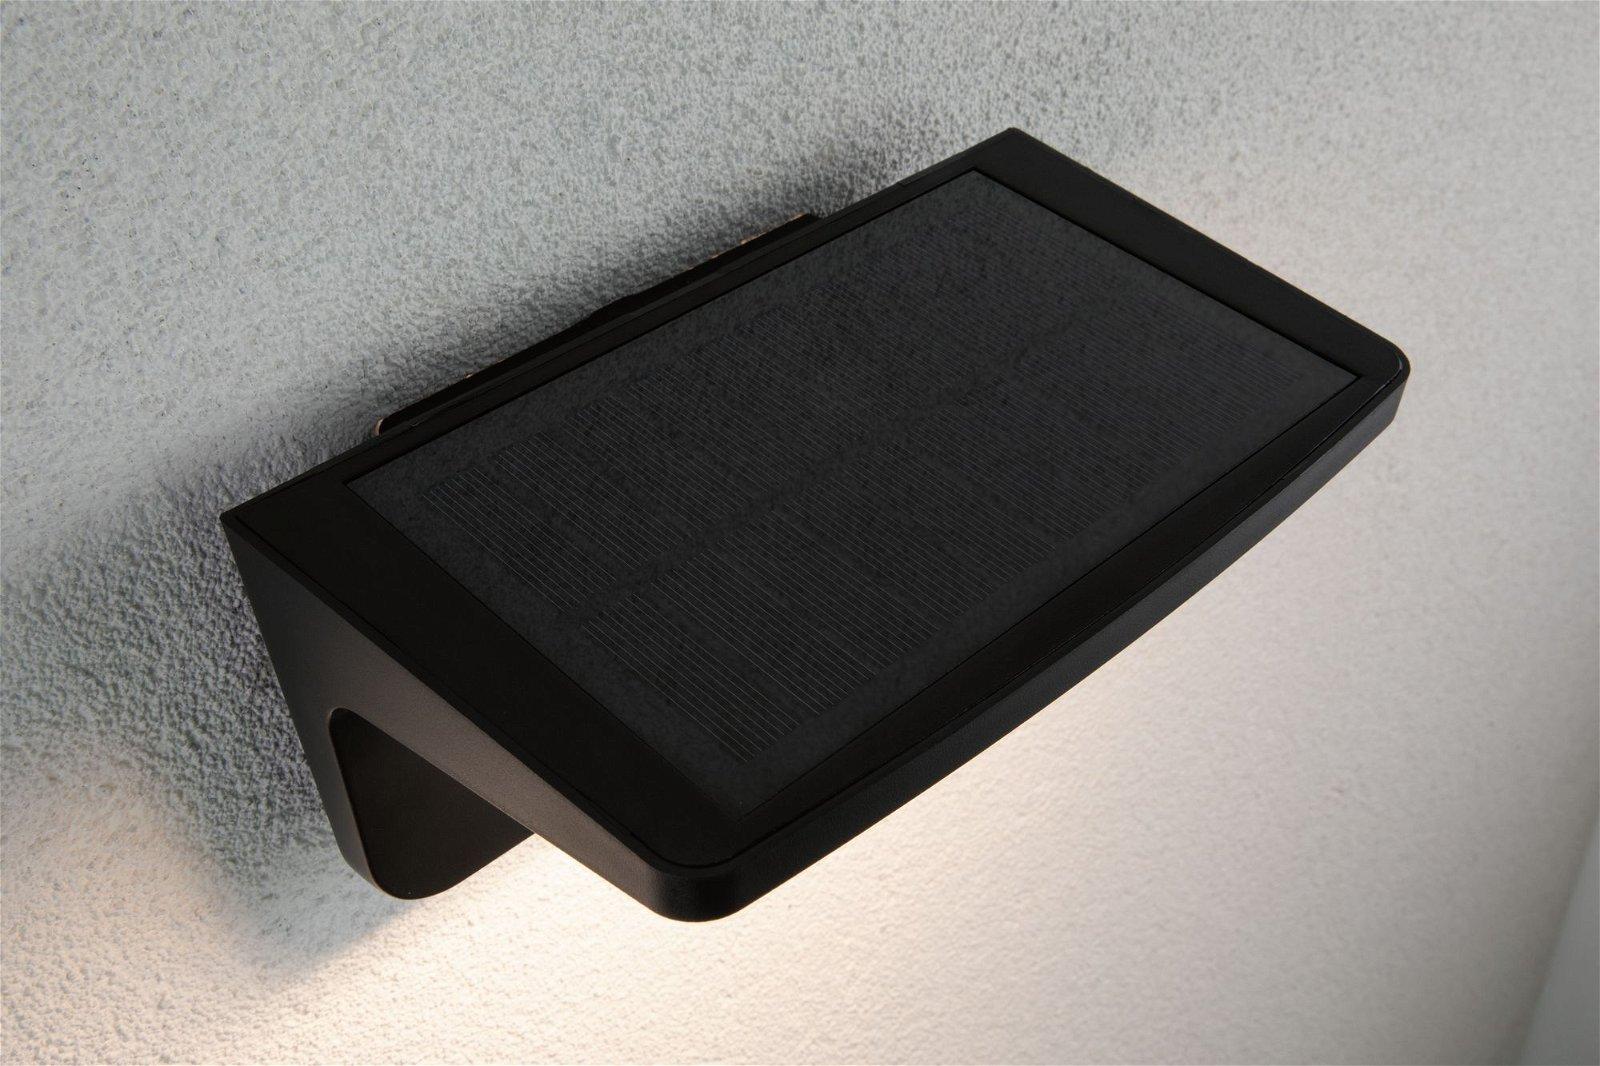 Solar LED Außenwandleuchte Solar Cyrus inkl. Bewegungsmelder und Orientierungslicht IP44 3000K 600lm Anthrazit